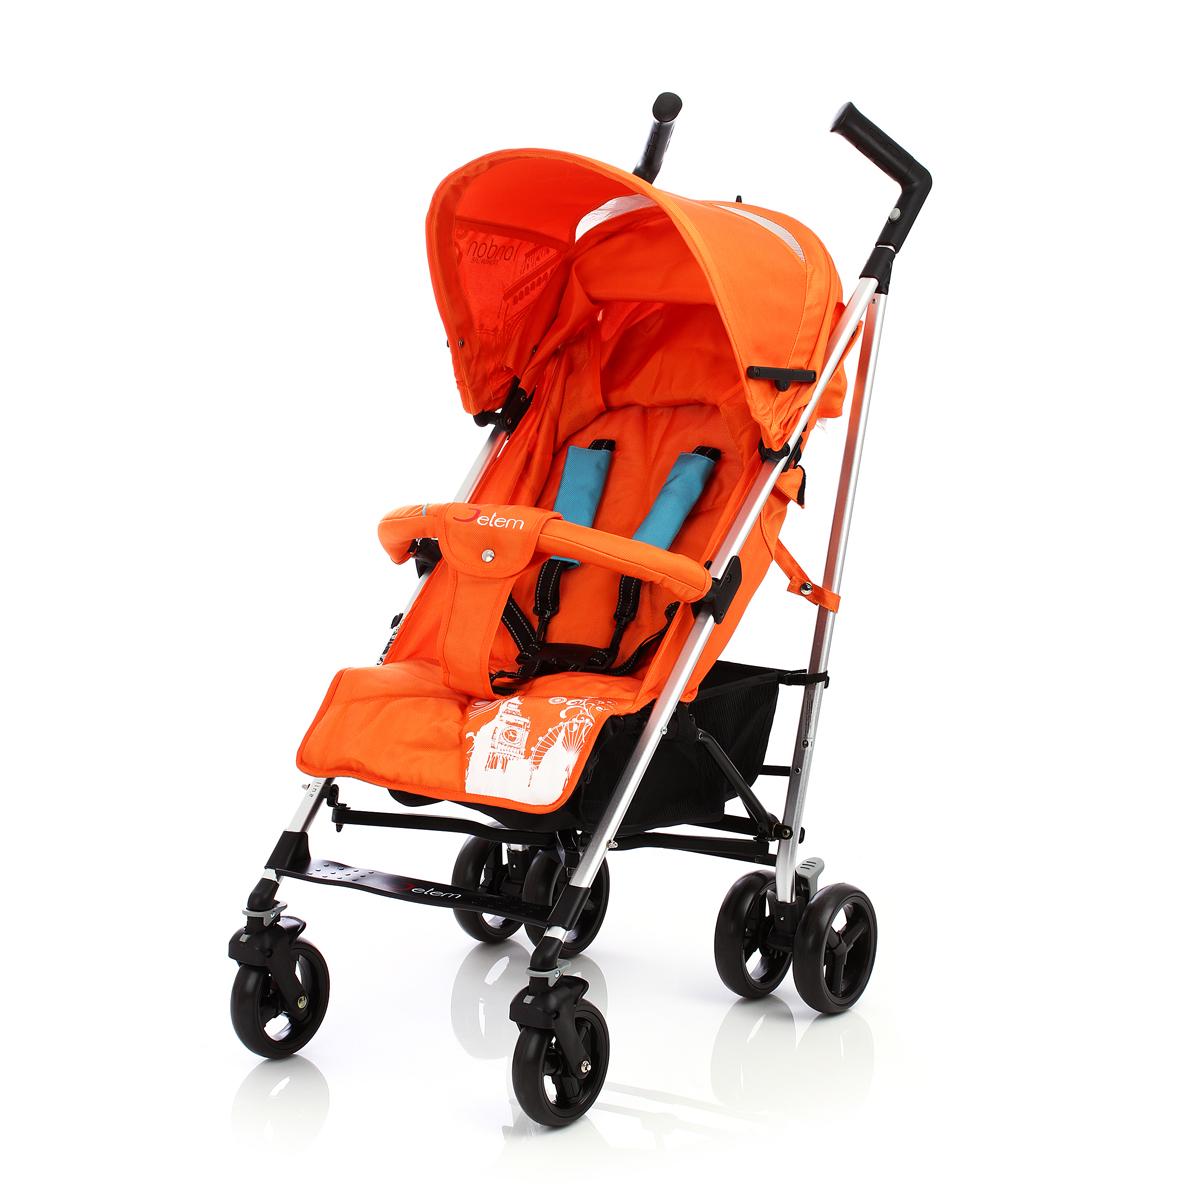 Детская коляска-трость Jetem London (оранжевый)